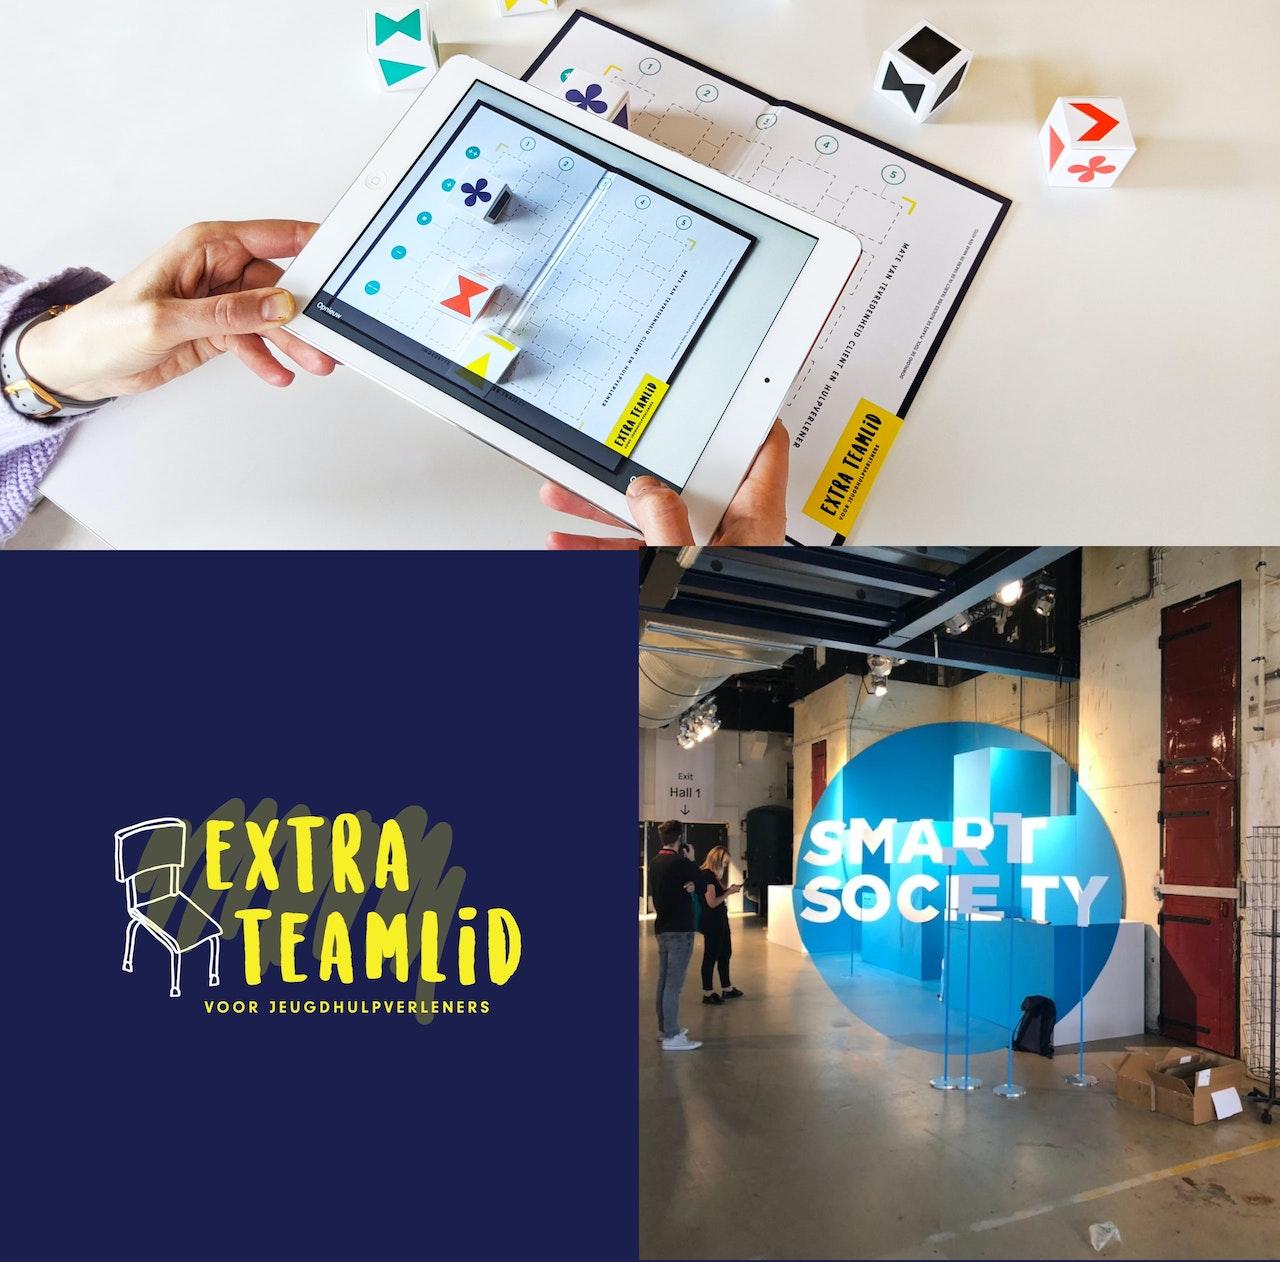 Afbeelding van het een iPad die een foto maakt van het spelbord. Afbeelding van het logo. Afbeelding van de Smart Society stand op Dutch Design Week.